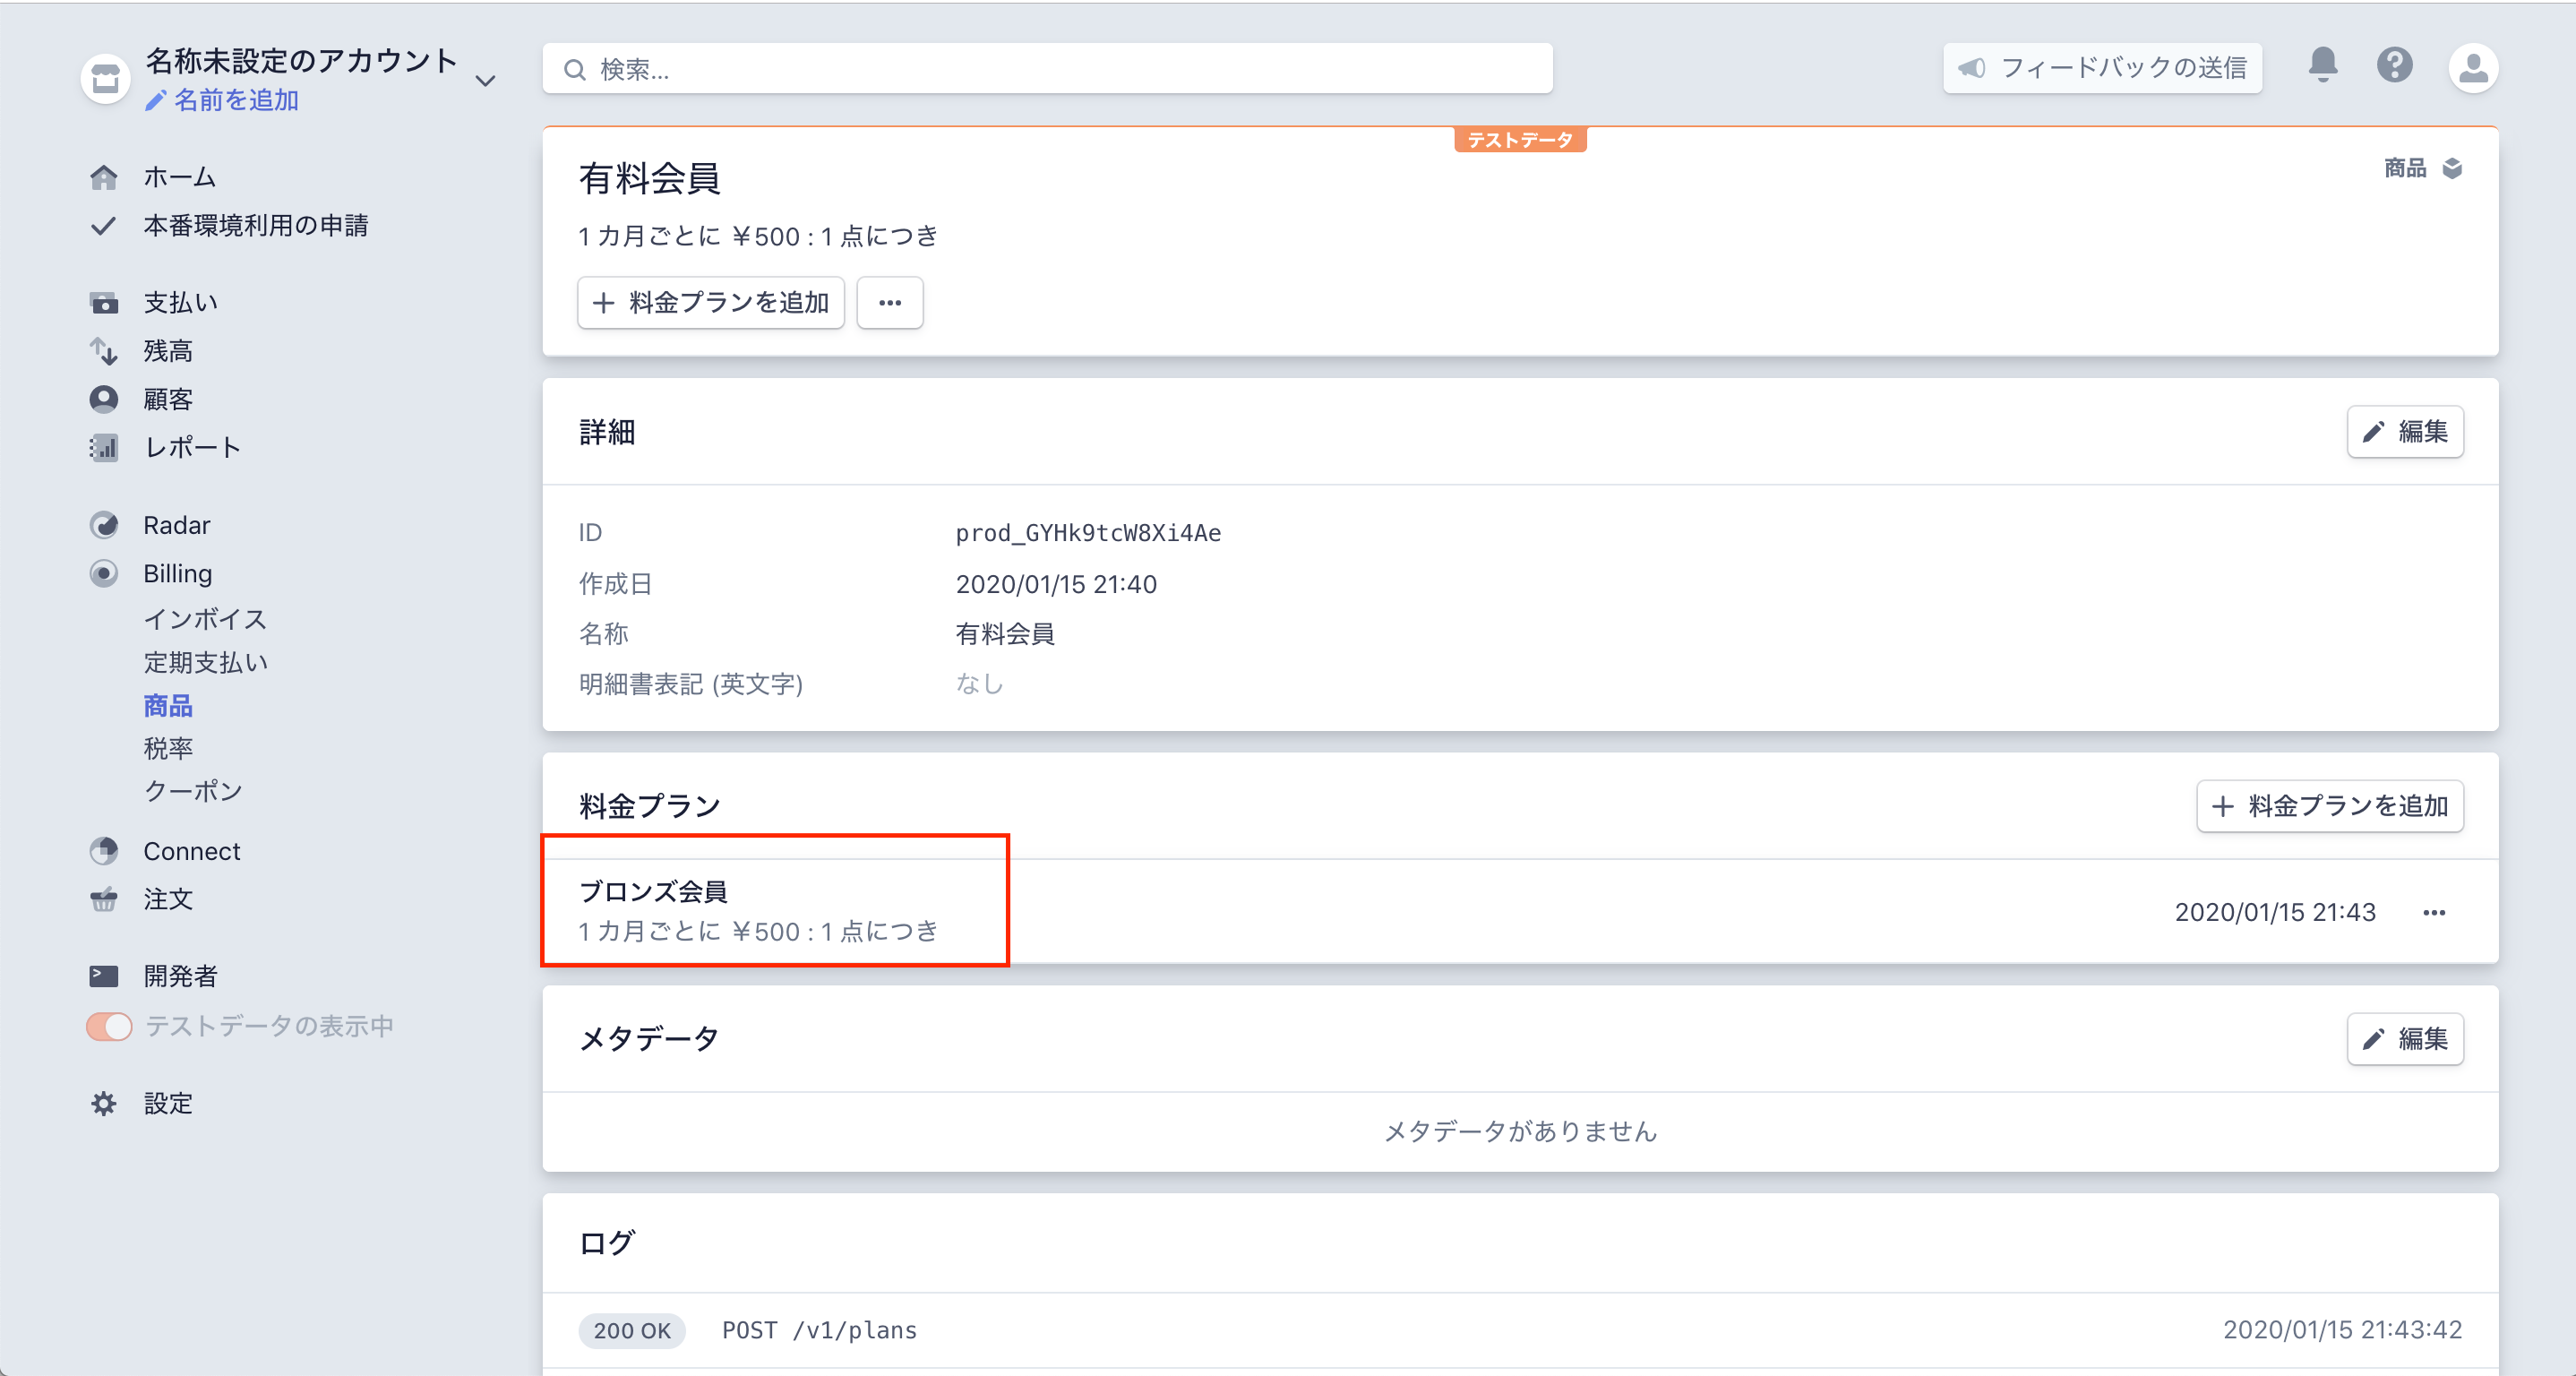 スクリーンショット 2020-01-16 0.17.41.png